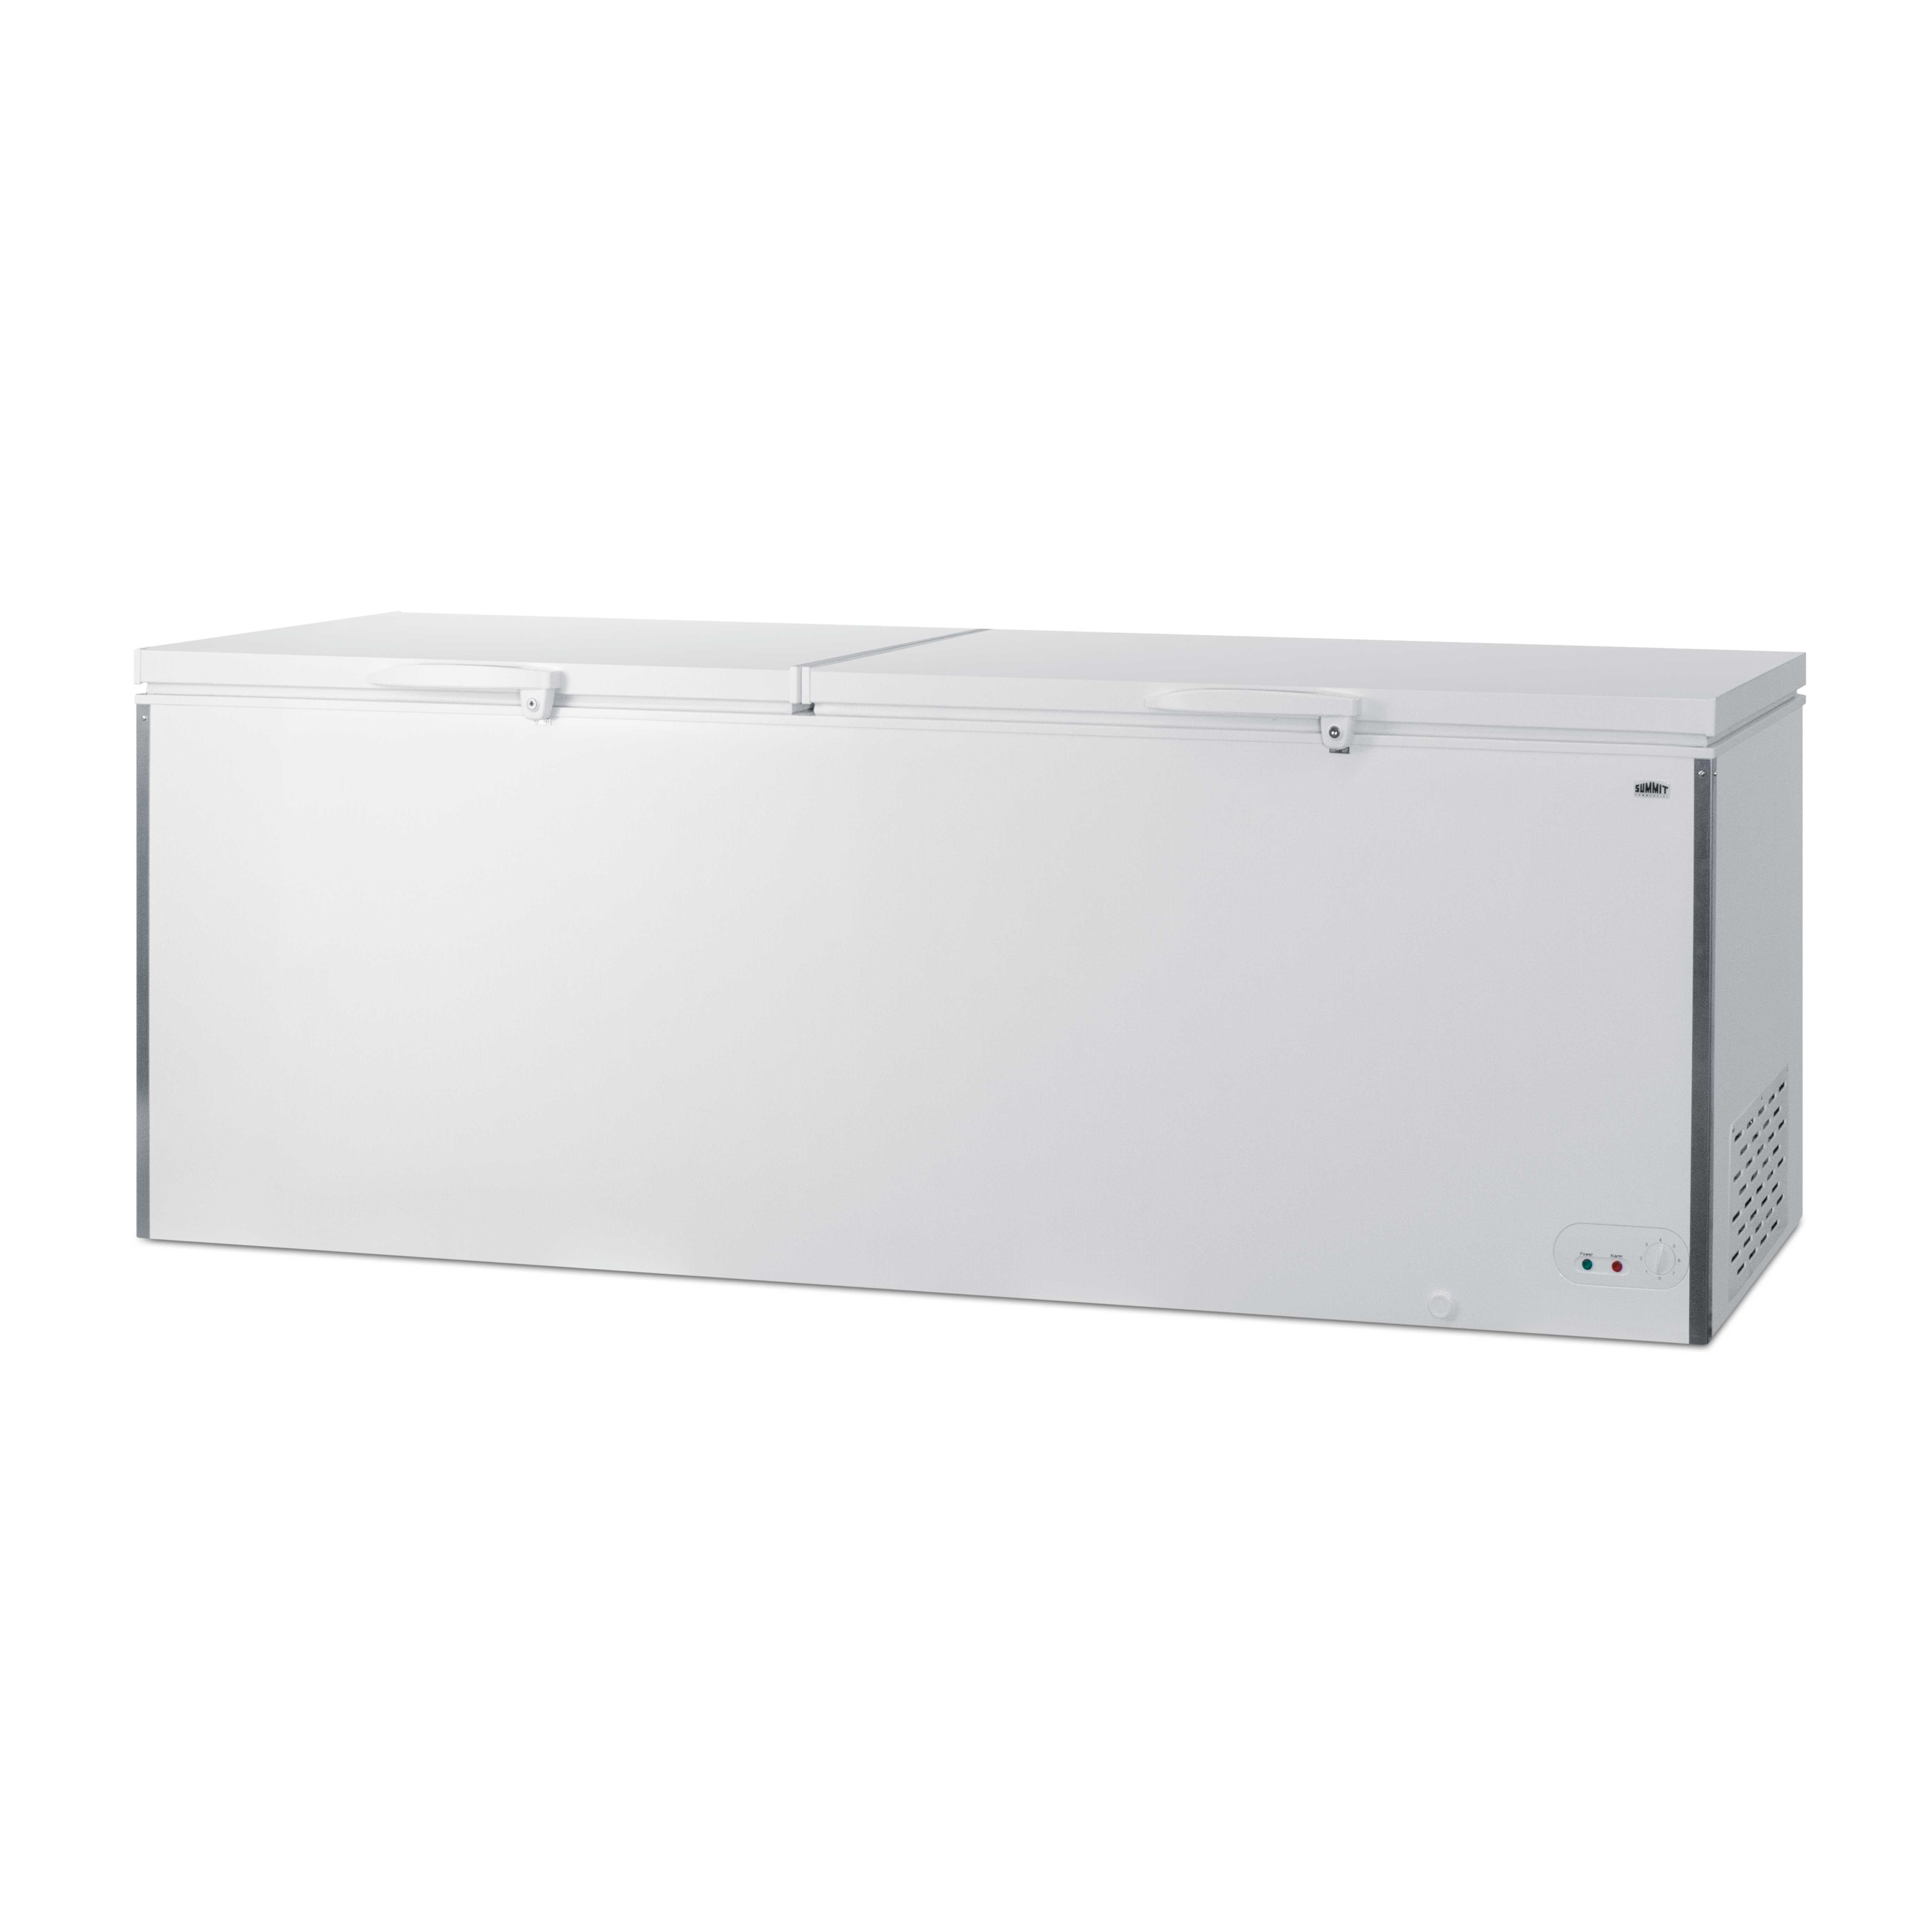 Summit Appliance SCFM252W chest freezer